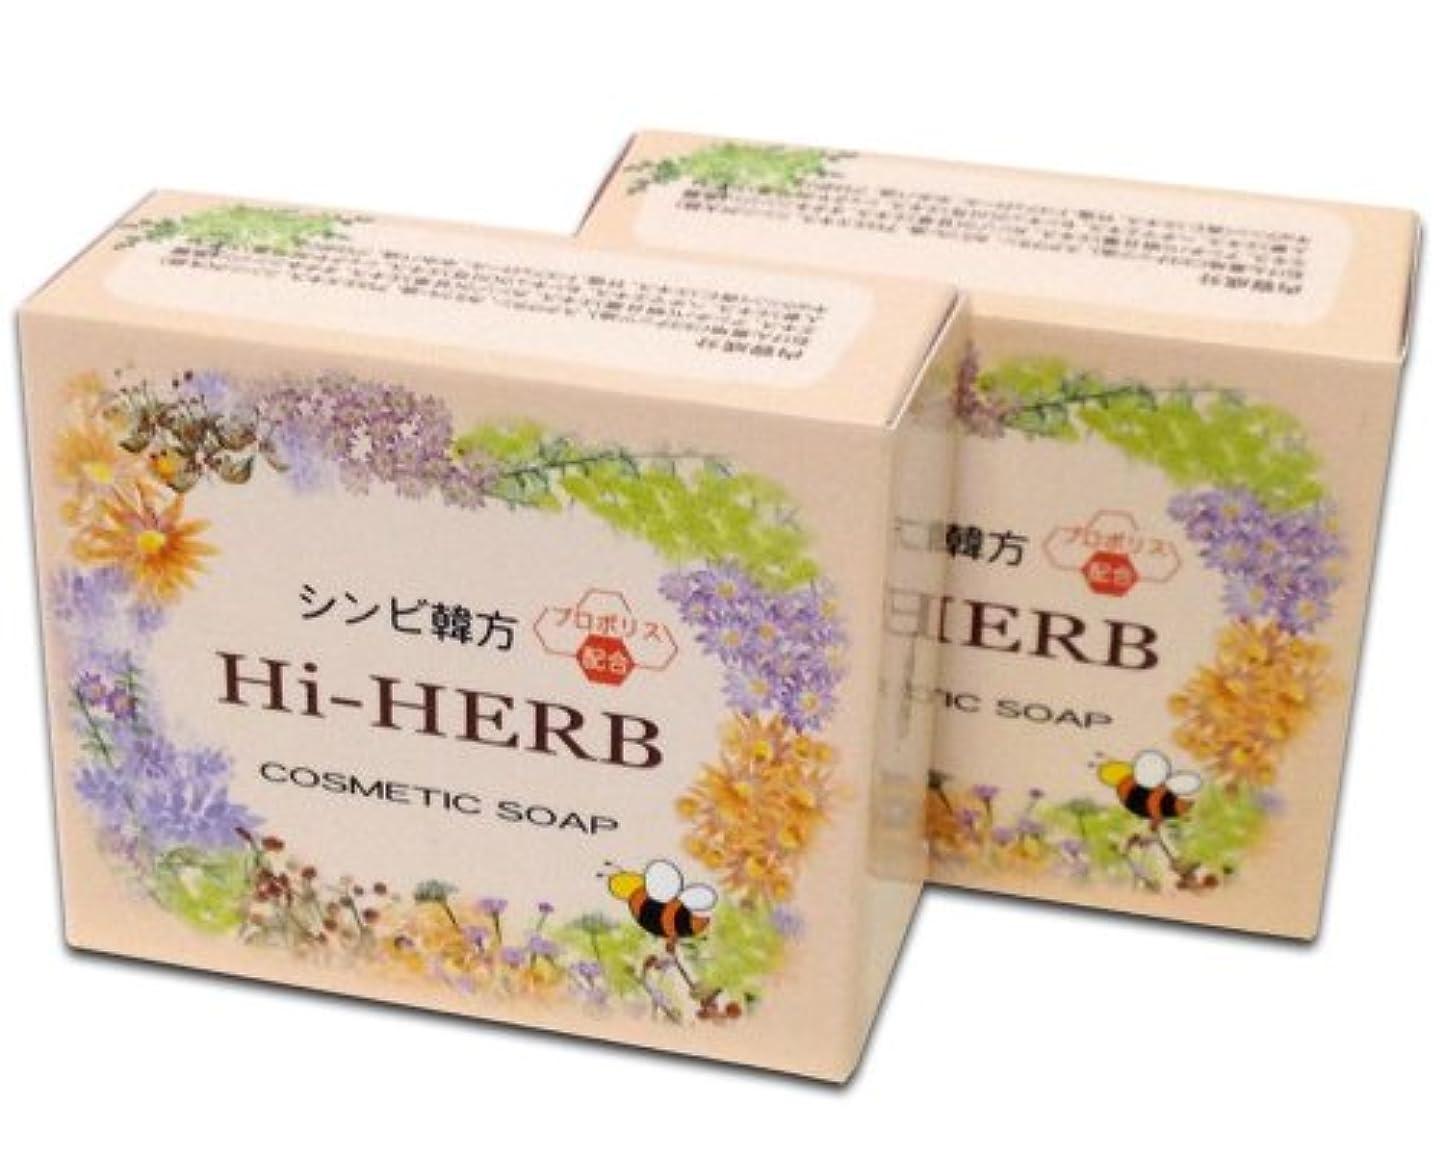 気まぐれなエトナ山セーターシンビ韓方ハイハーブ石鹸 (2個セット)